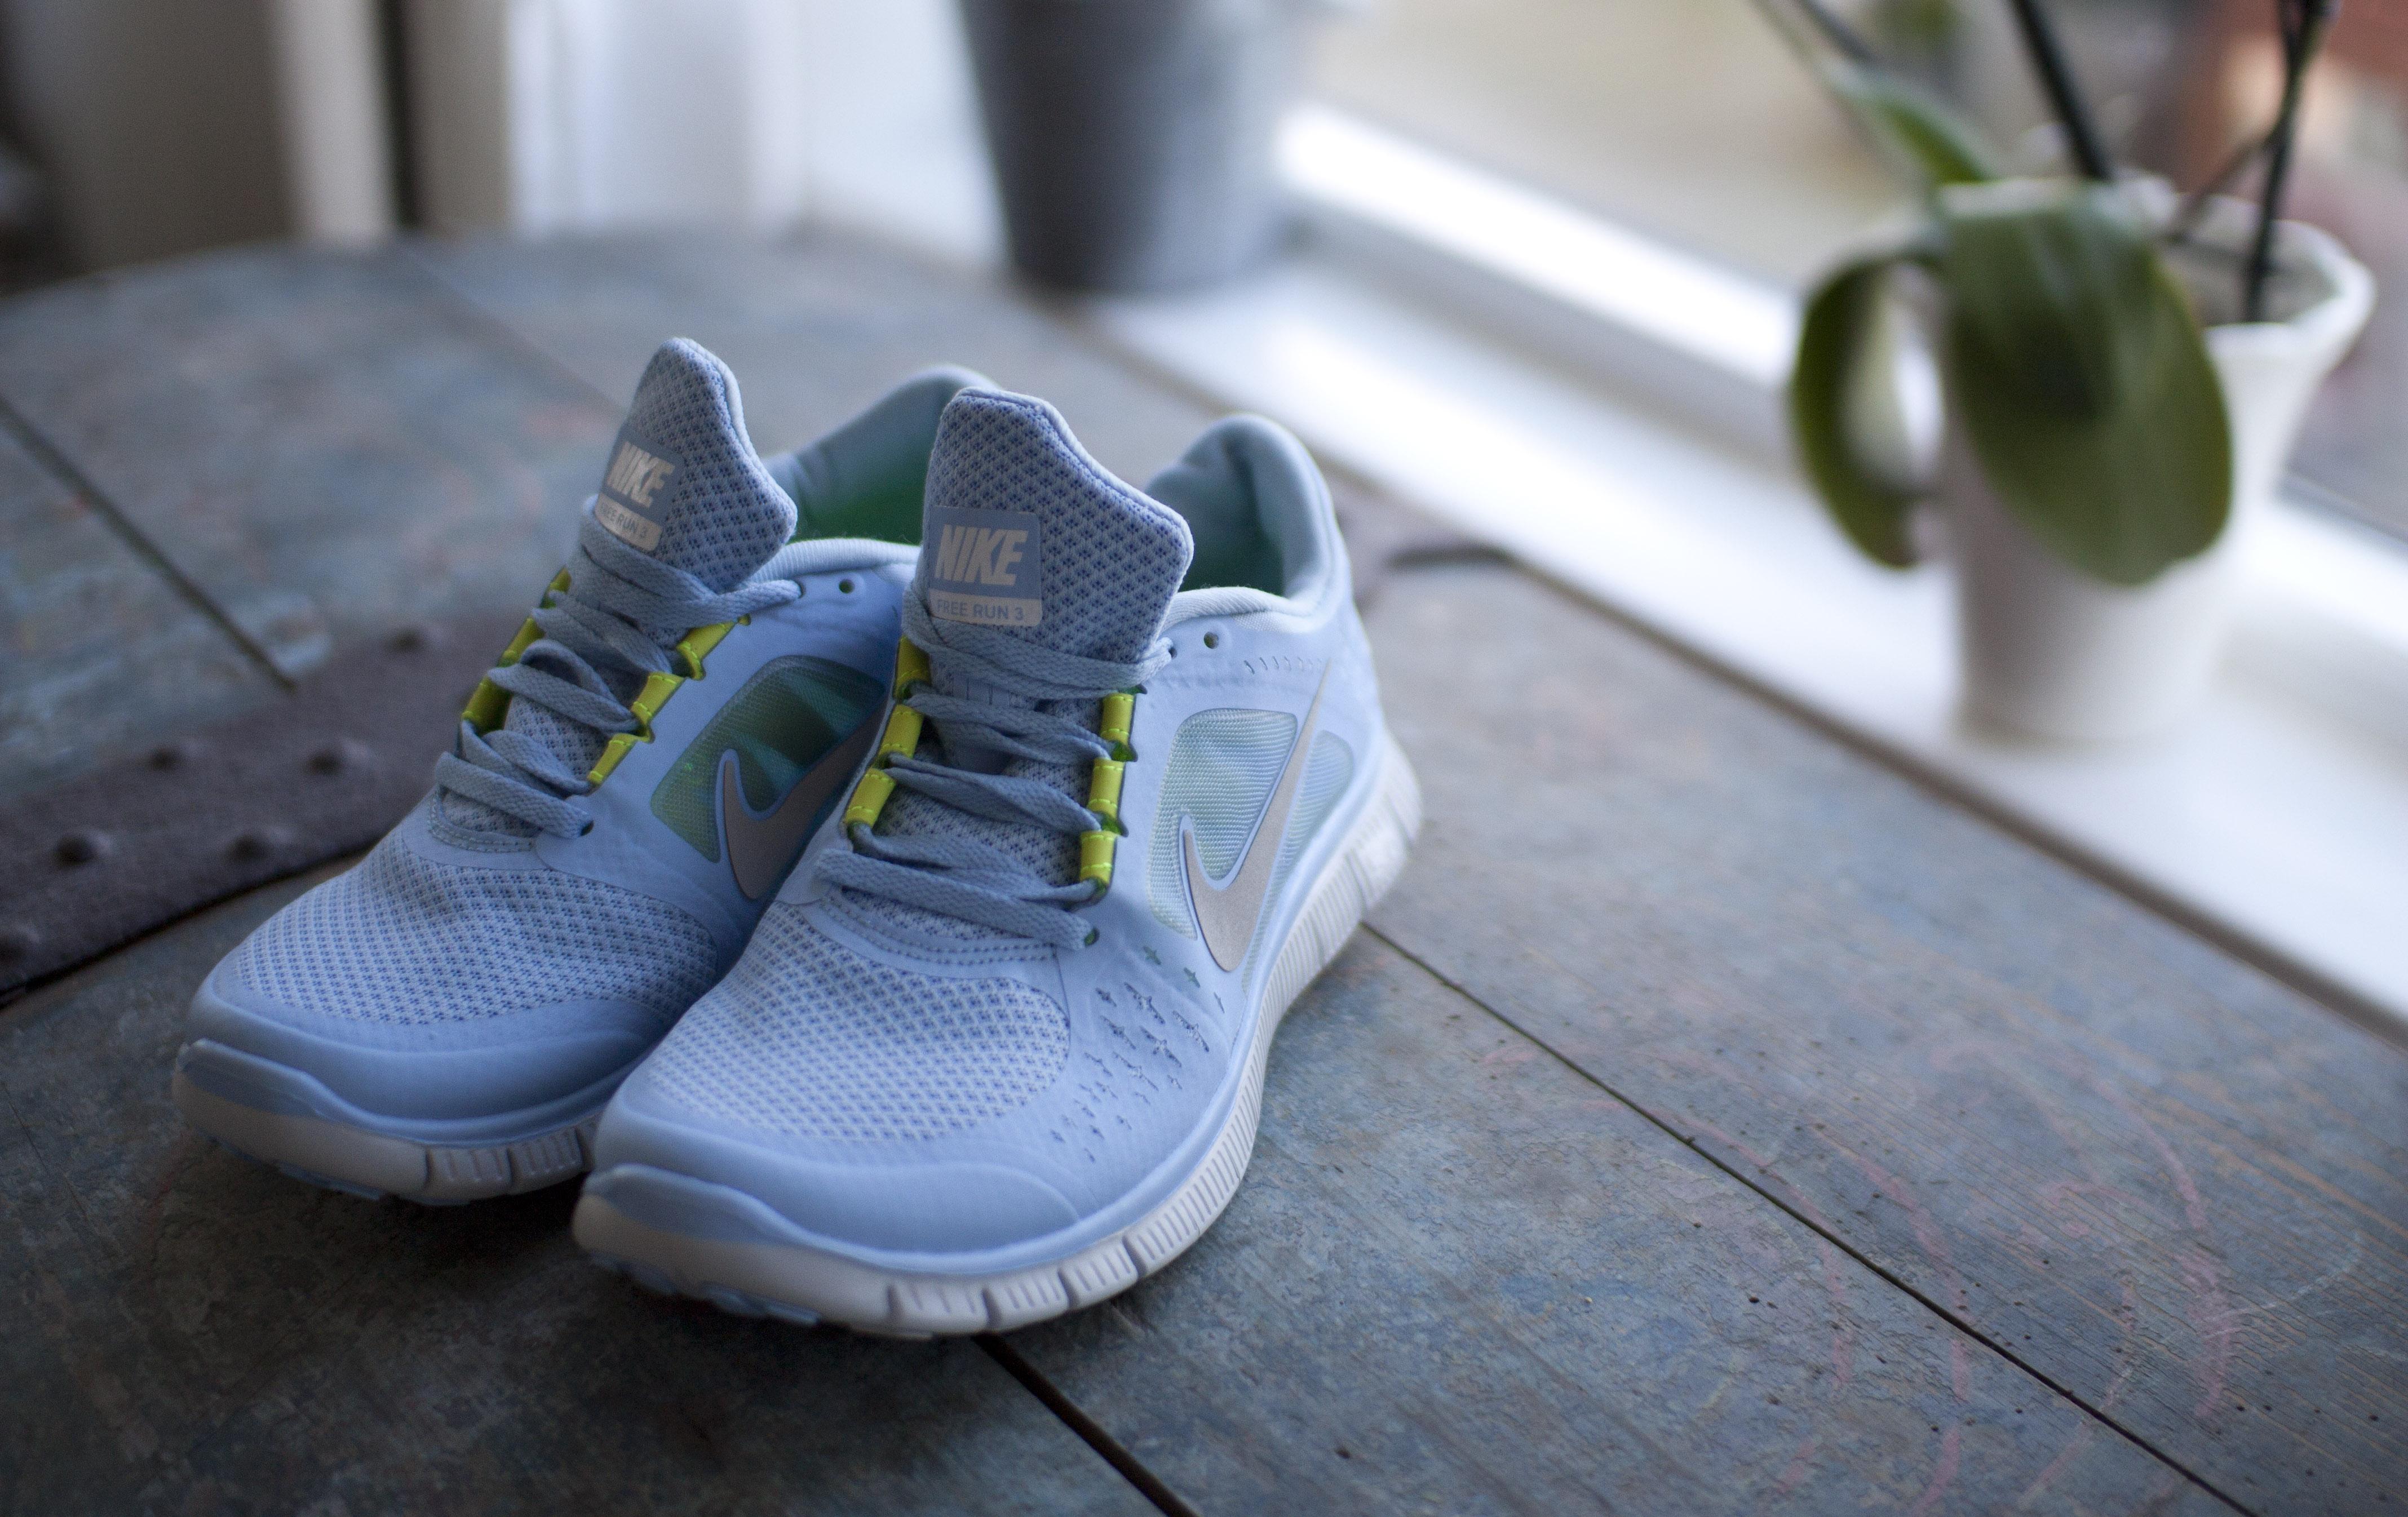 ce78b08e Nike free run – KAMILLA HAALAND